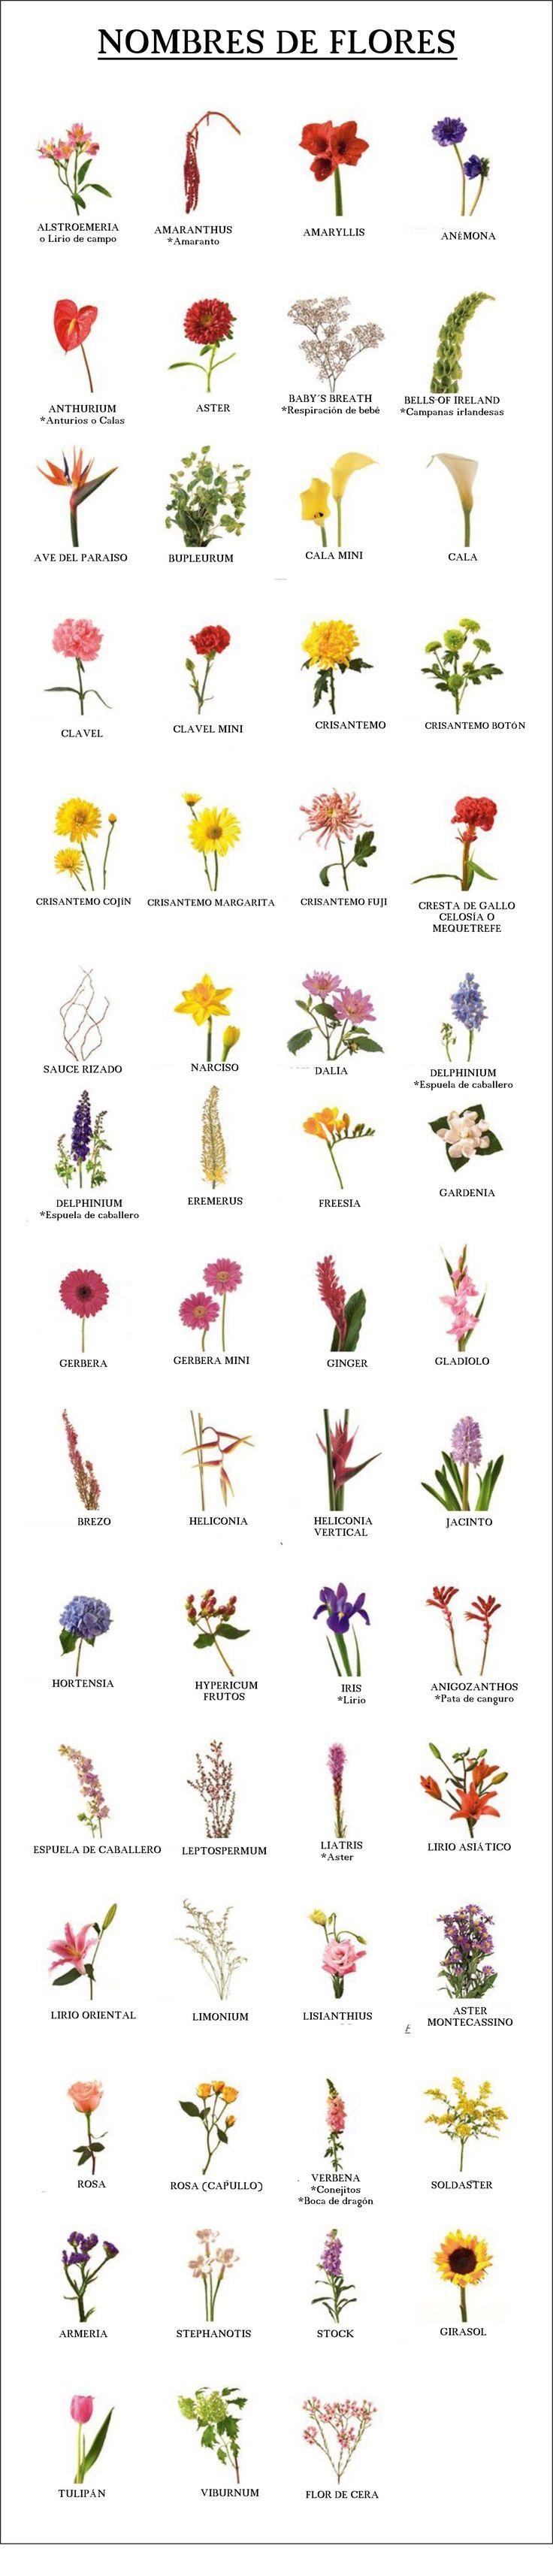 Nombre de flores que puedes elegir para tu ramo de novia. www.carmenmerino.net/portada/nombres-de-flores/ www.carmenmerino.net #arreglosfloralesparamesa